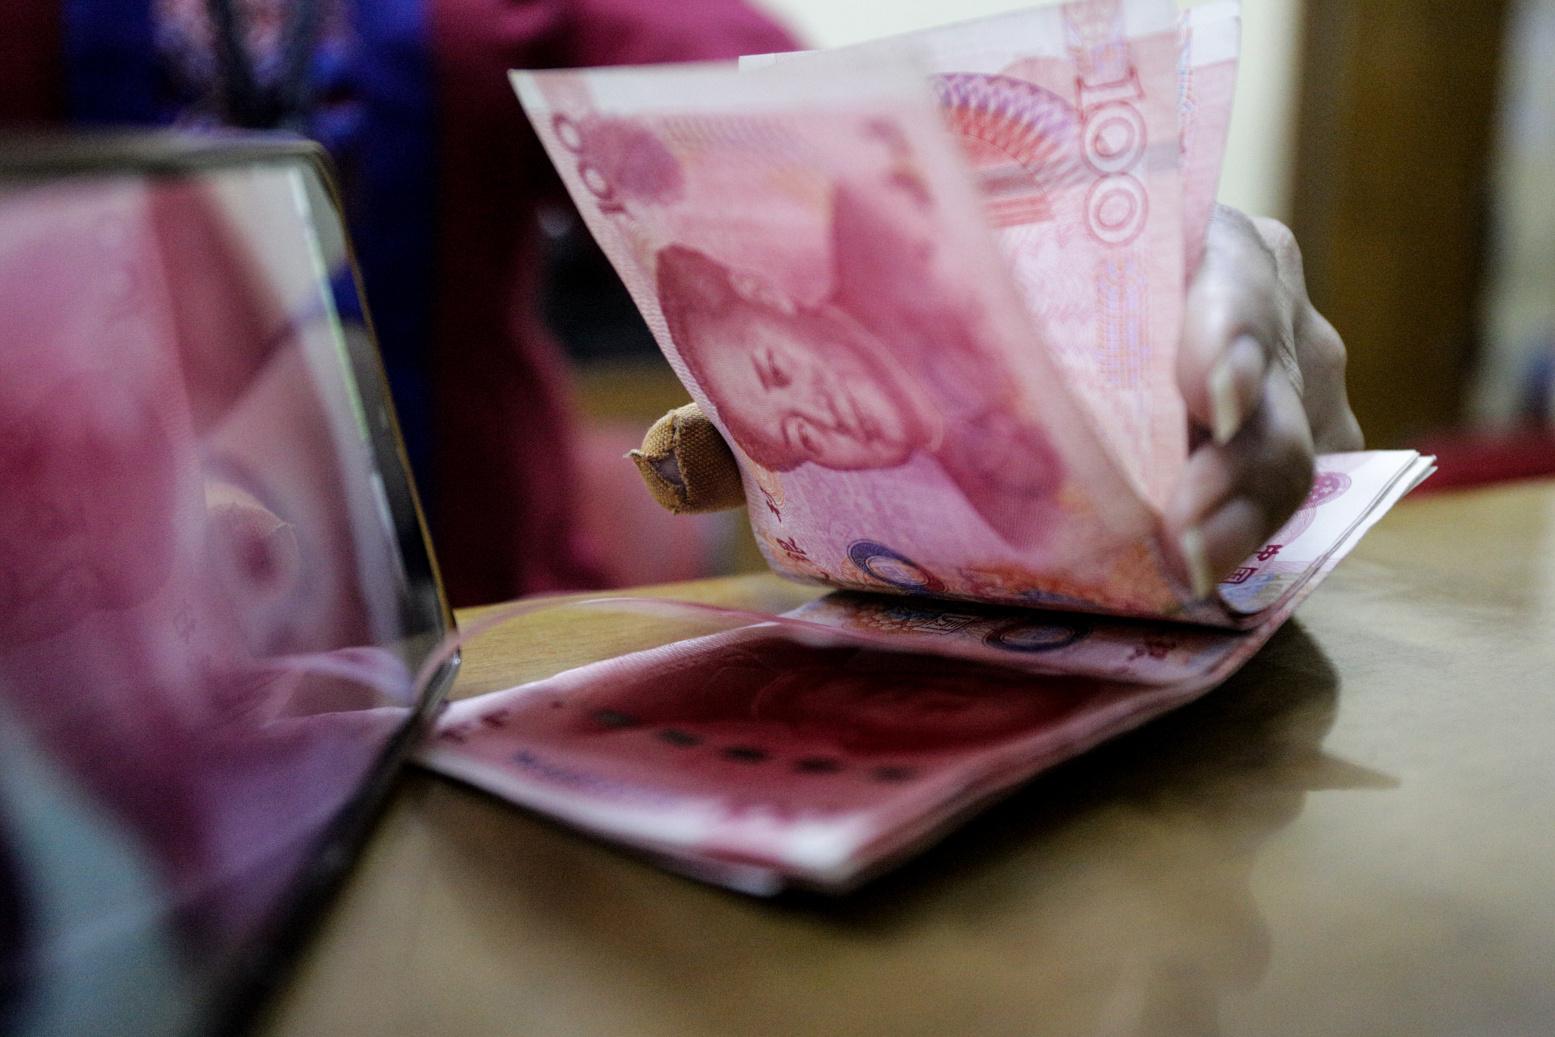 Yuan Tiongkok